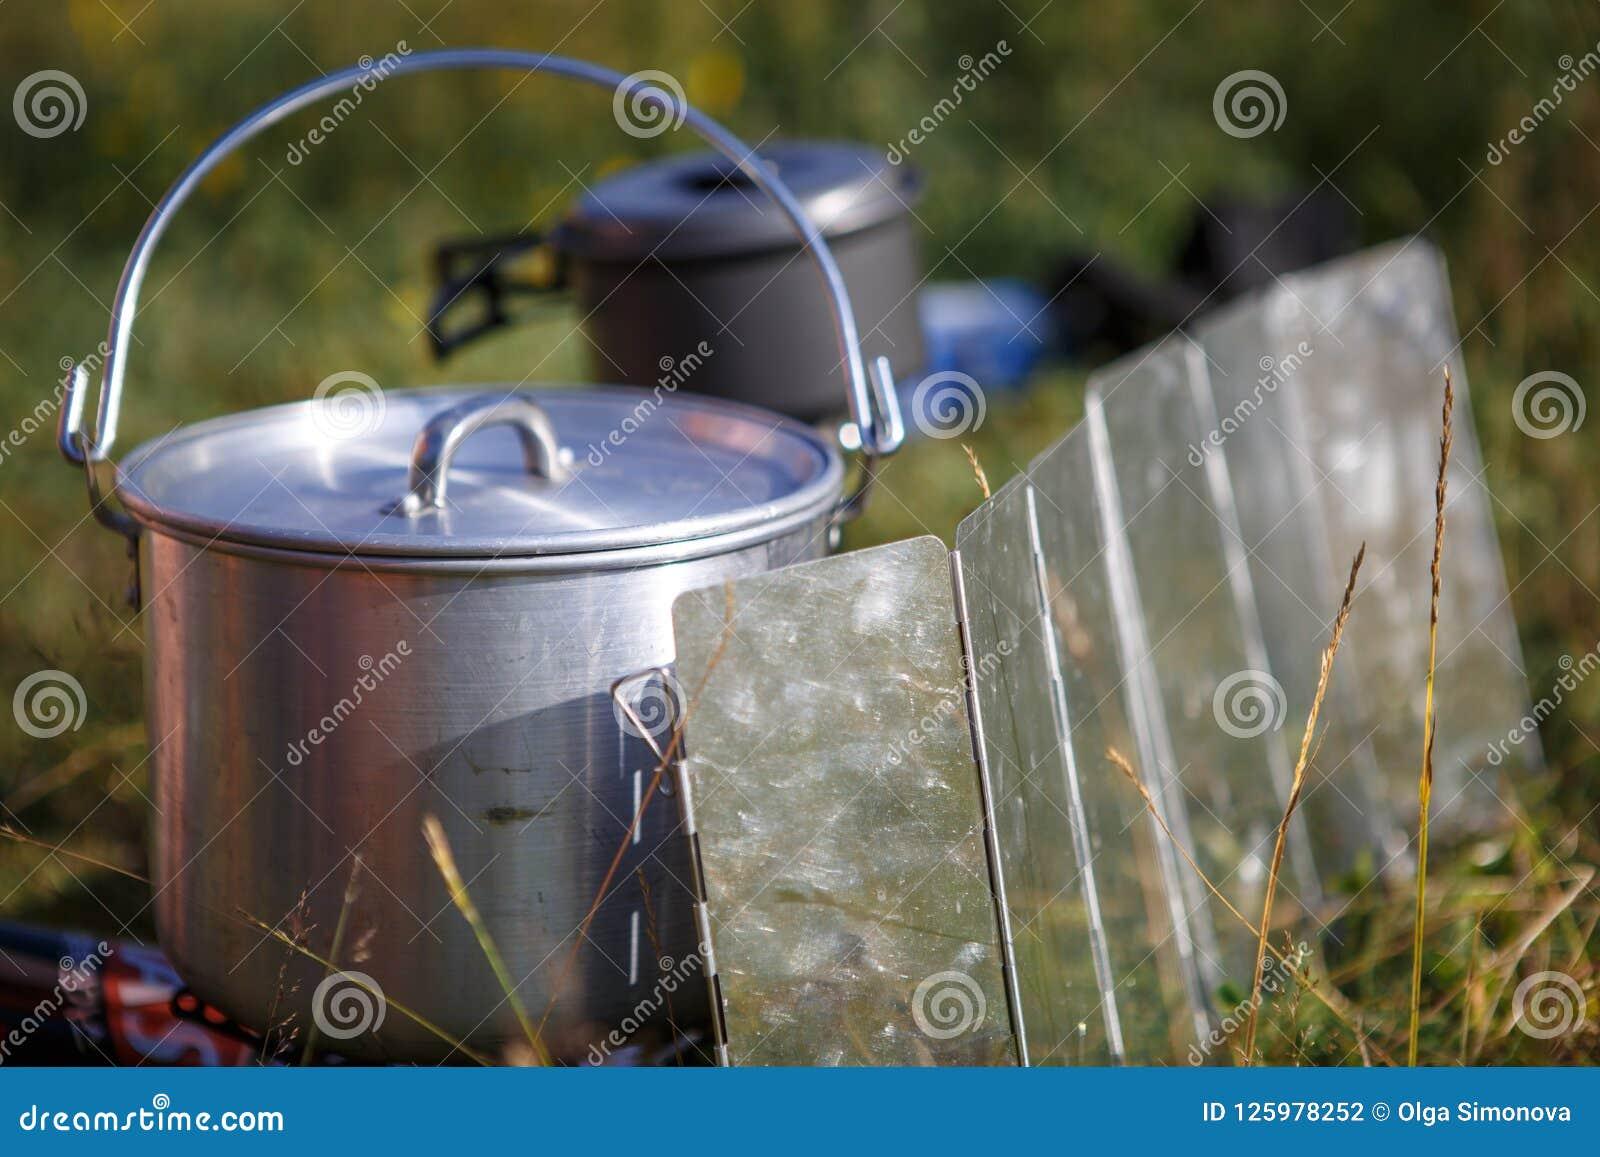 Laga mat, medan fotvandra på gasbrännaren i campa redskap